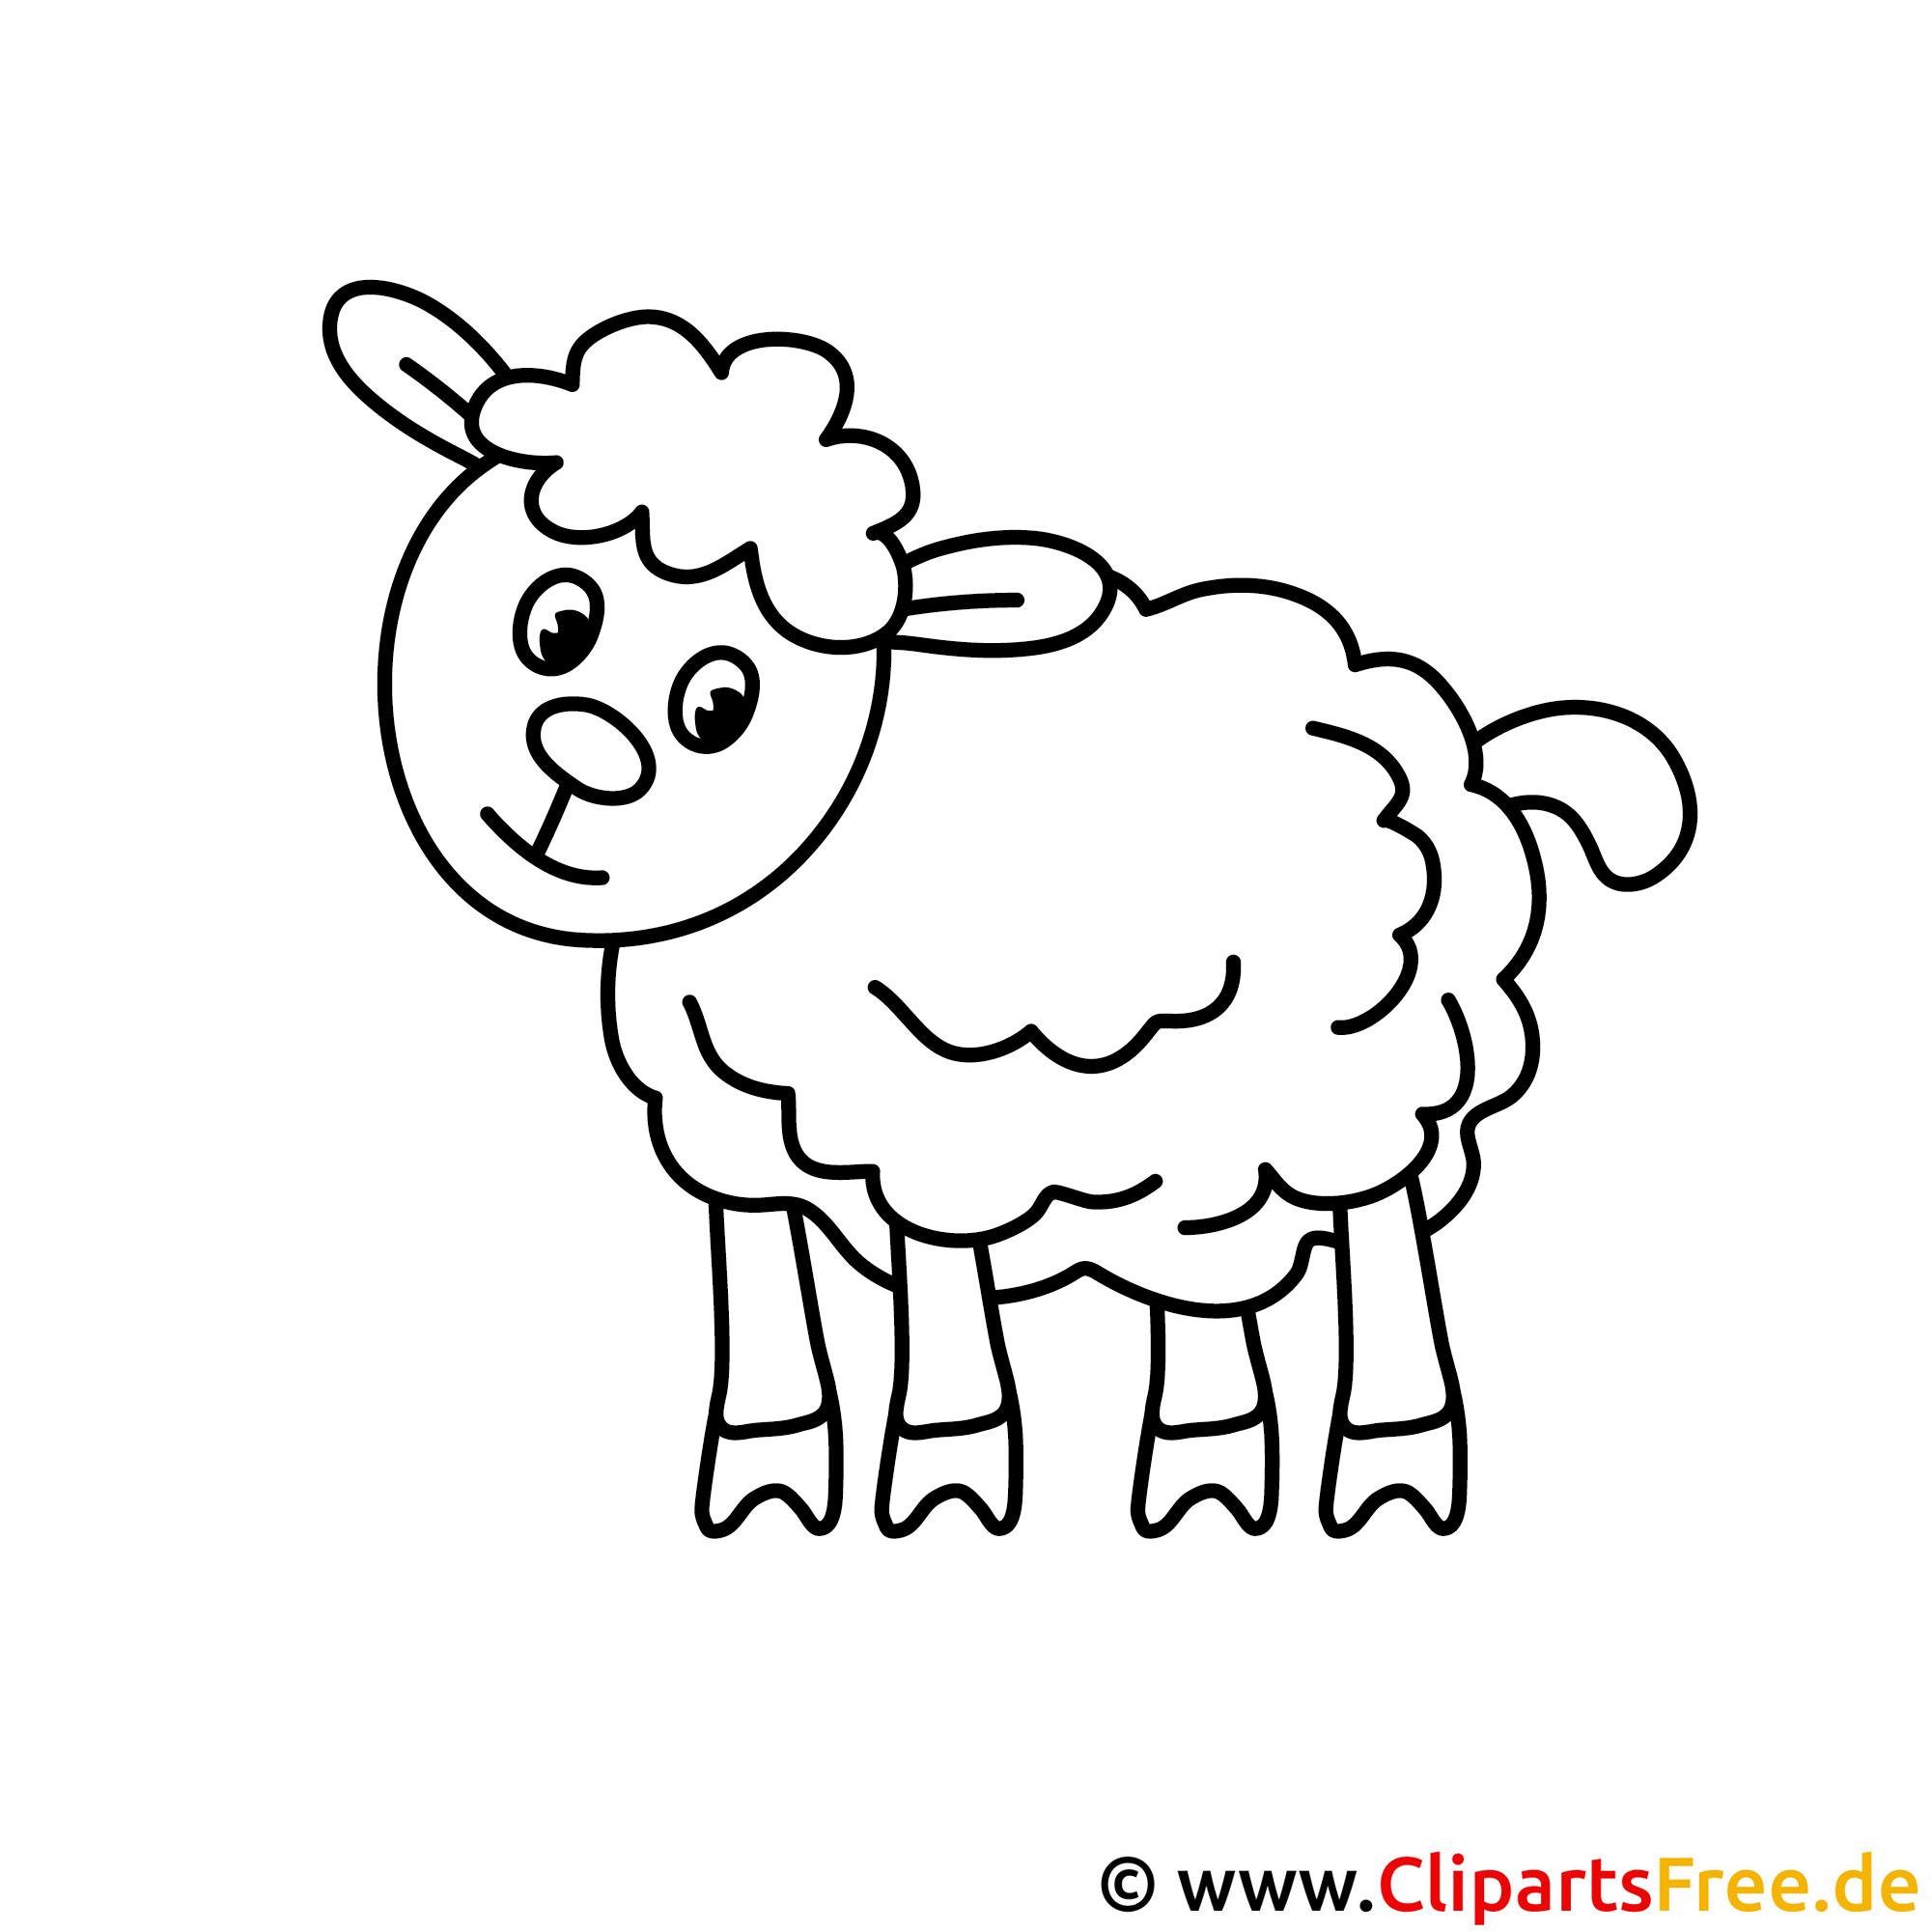 Schaf Bild zum Ausmalen, Malvorlage